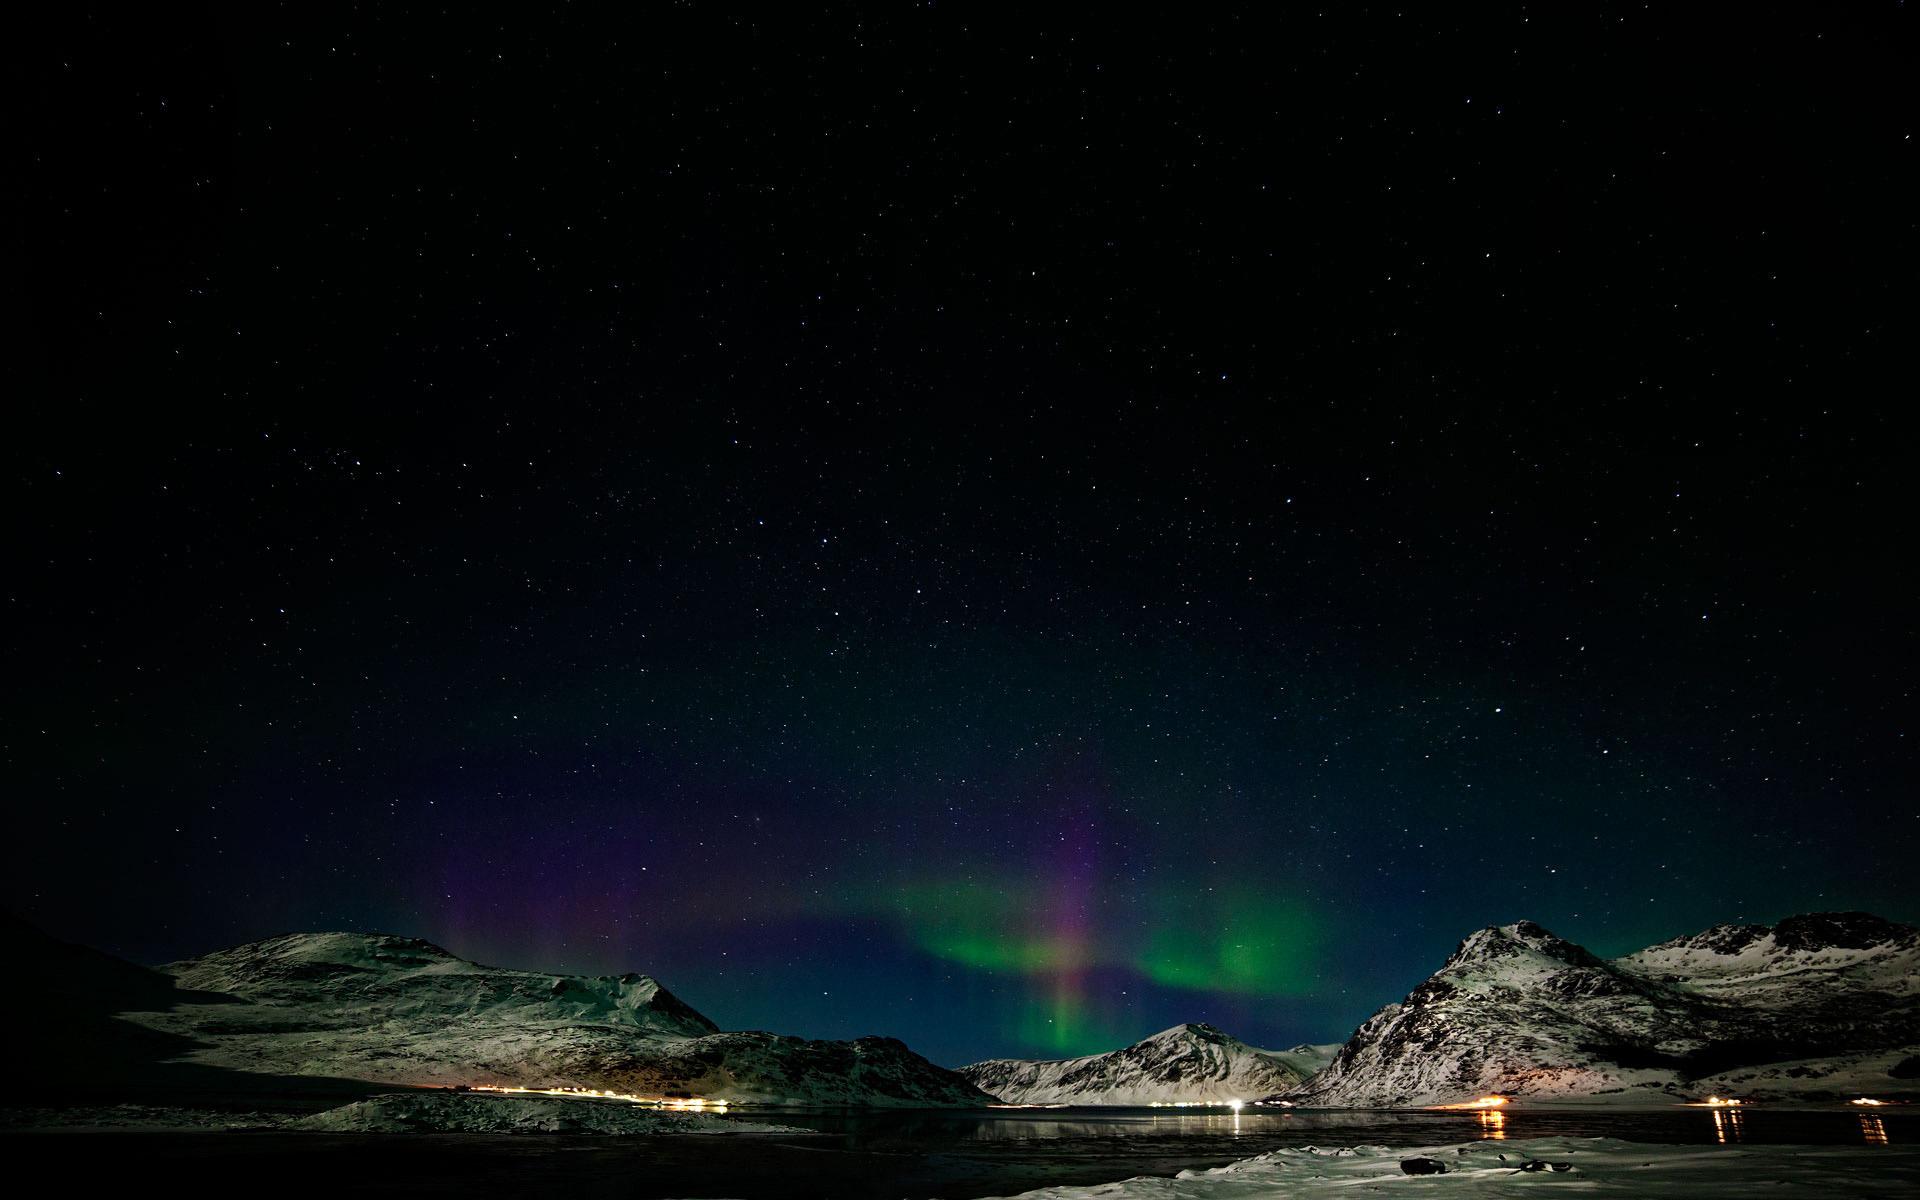 norway-flakstad-pollen-aurora-borealis-photo-by-kent-miklenda.jpg